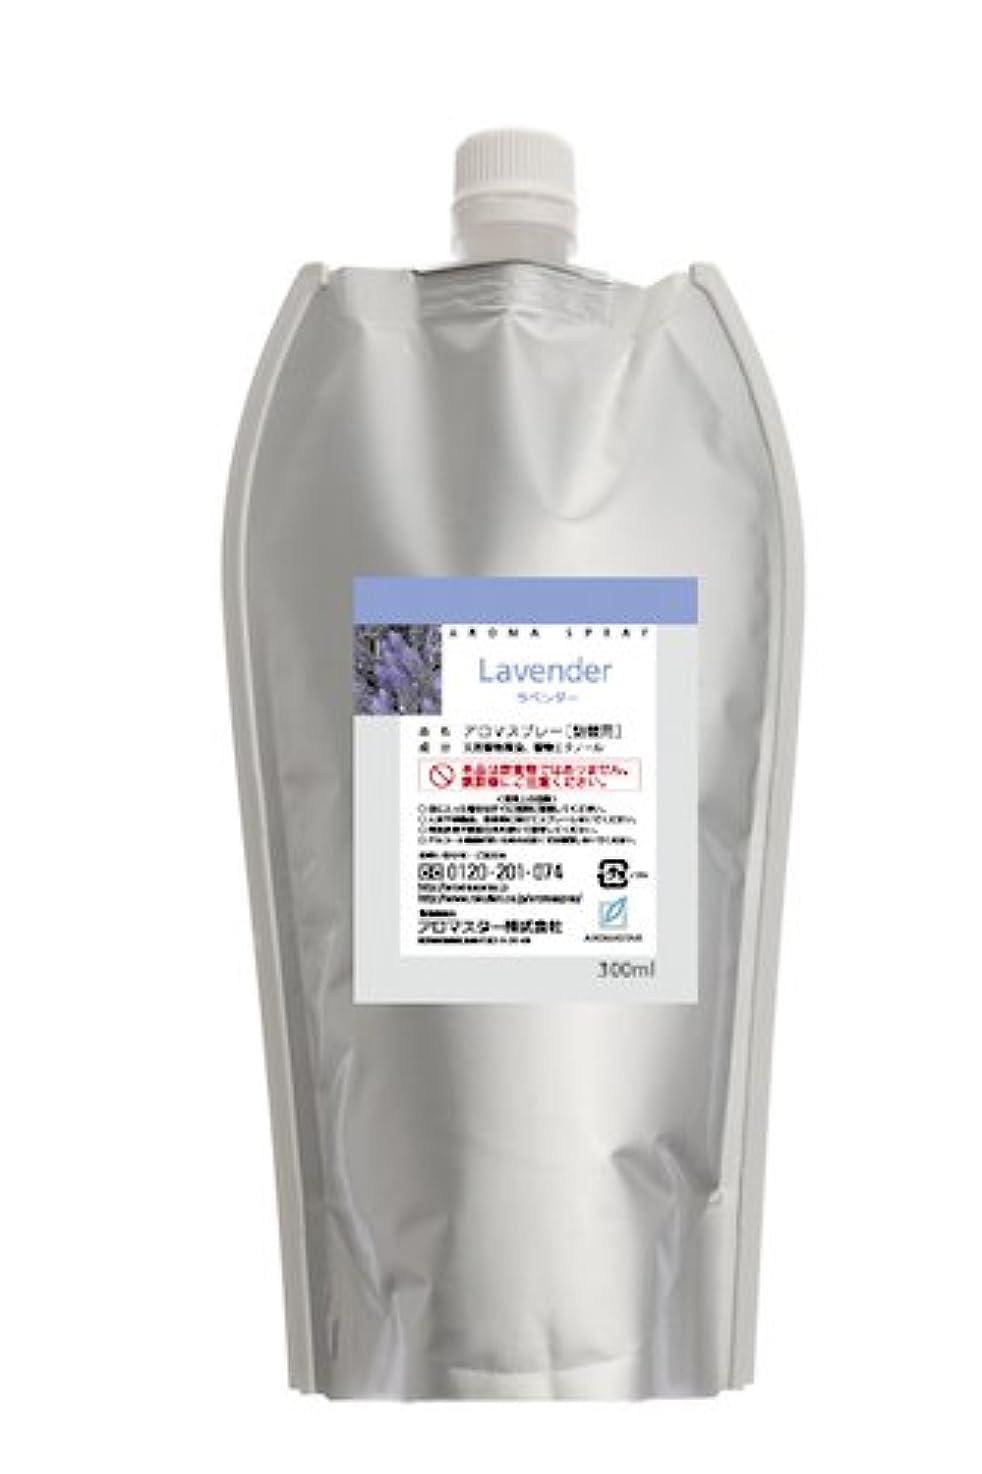 資料踏みつけ有利AROMASTAR(アロマスター) アロマスプレー ラベンダー 300ml詰替用(エコパック)